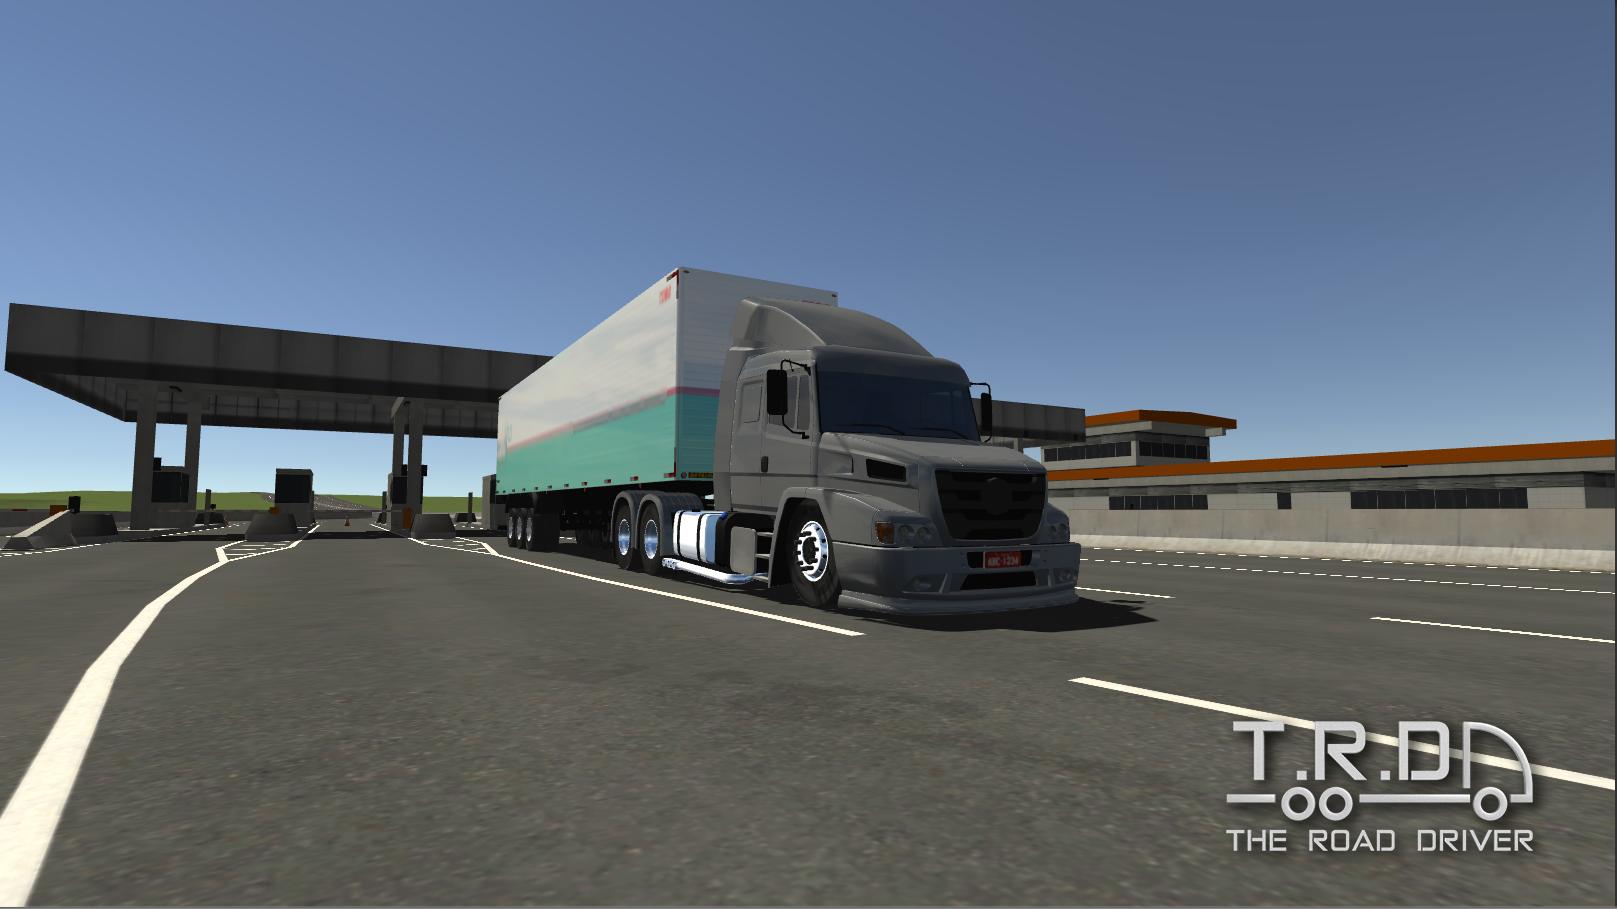 The Road Driver: Primeira imagem do novo mapa do jogo, confira!